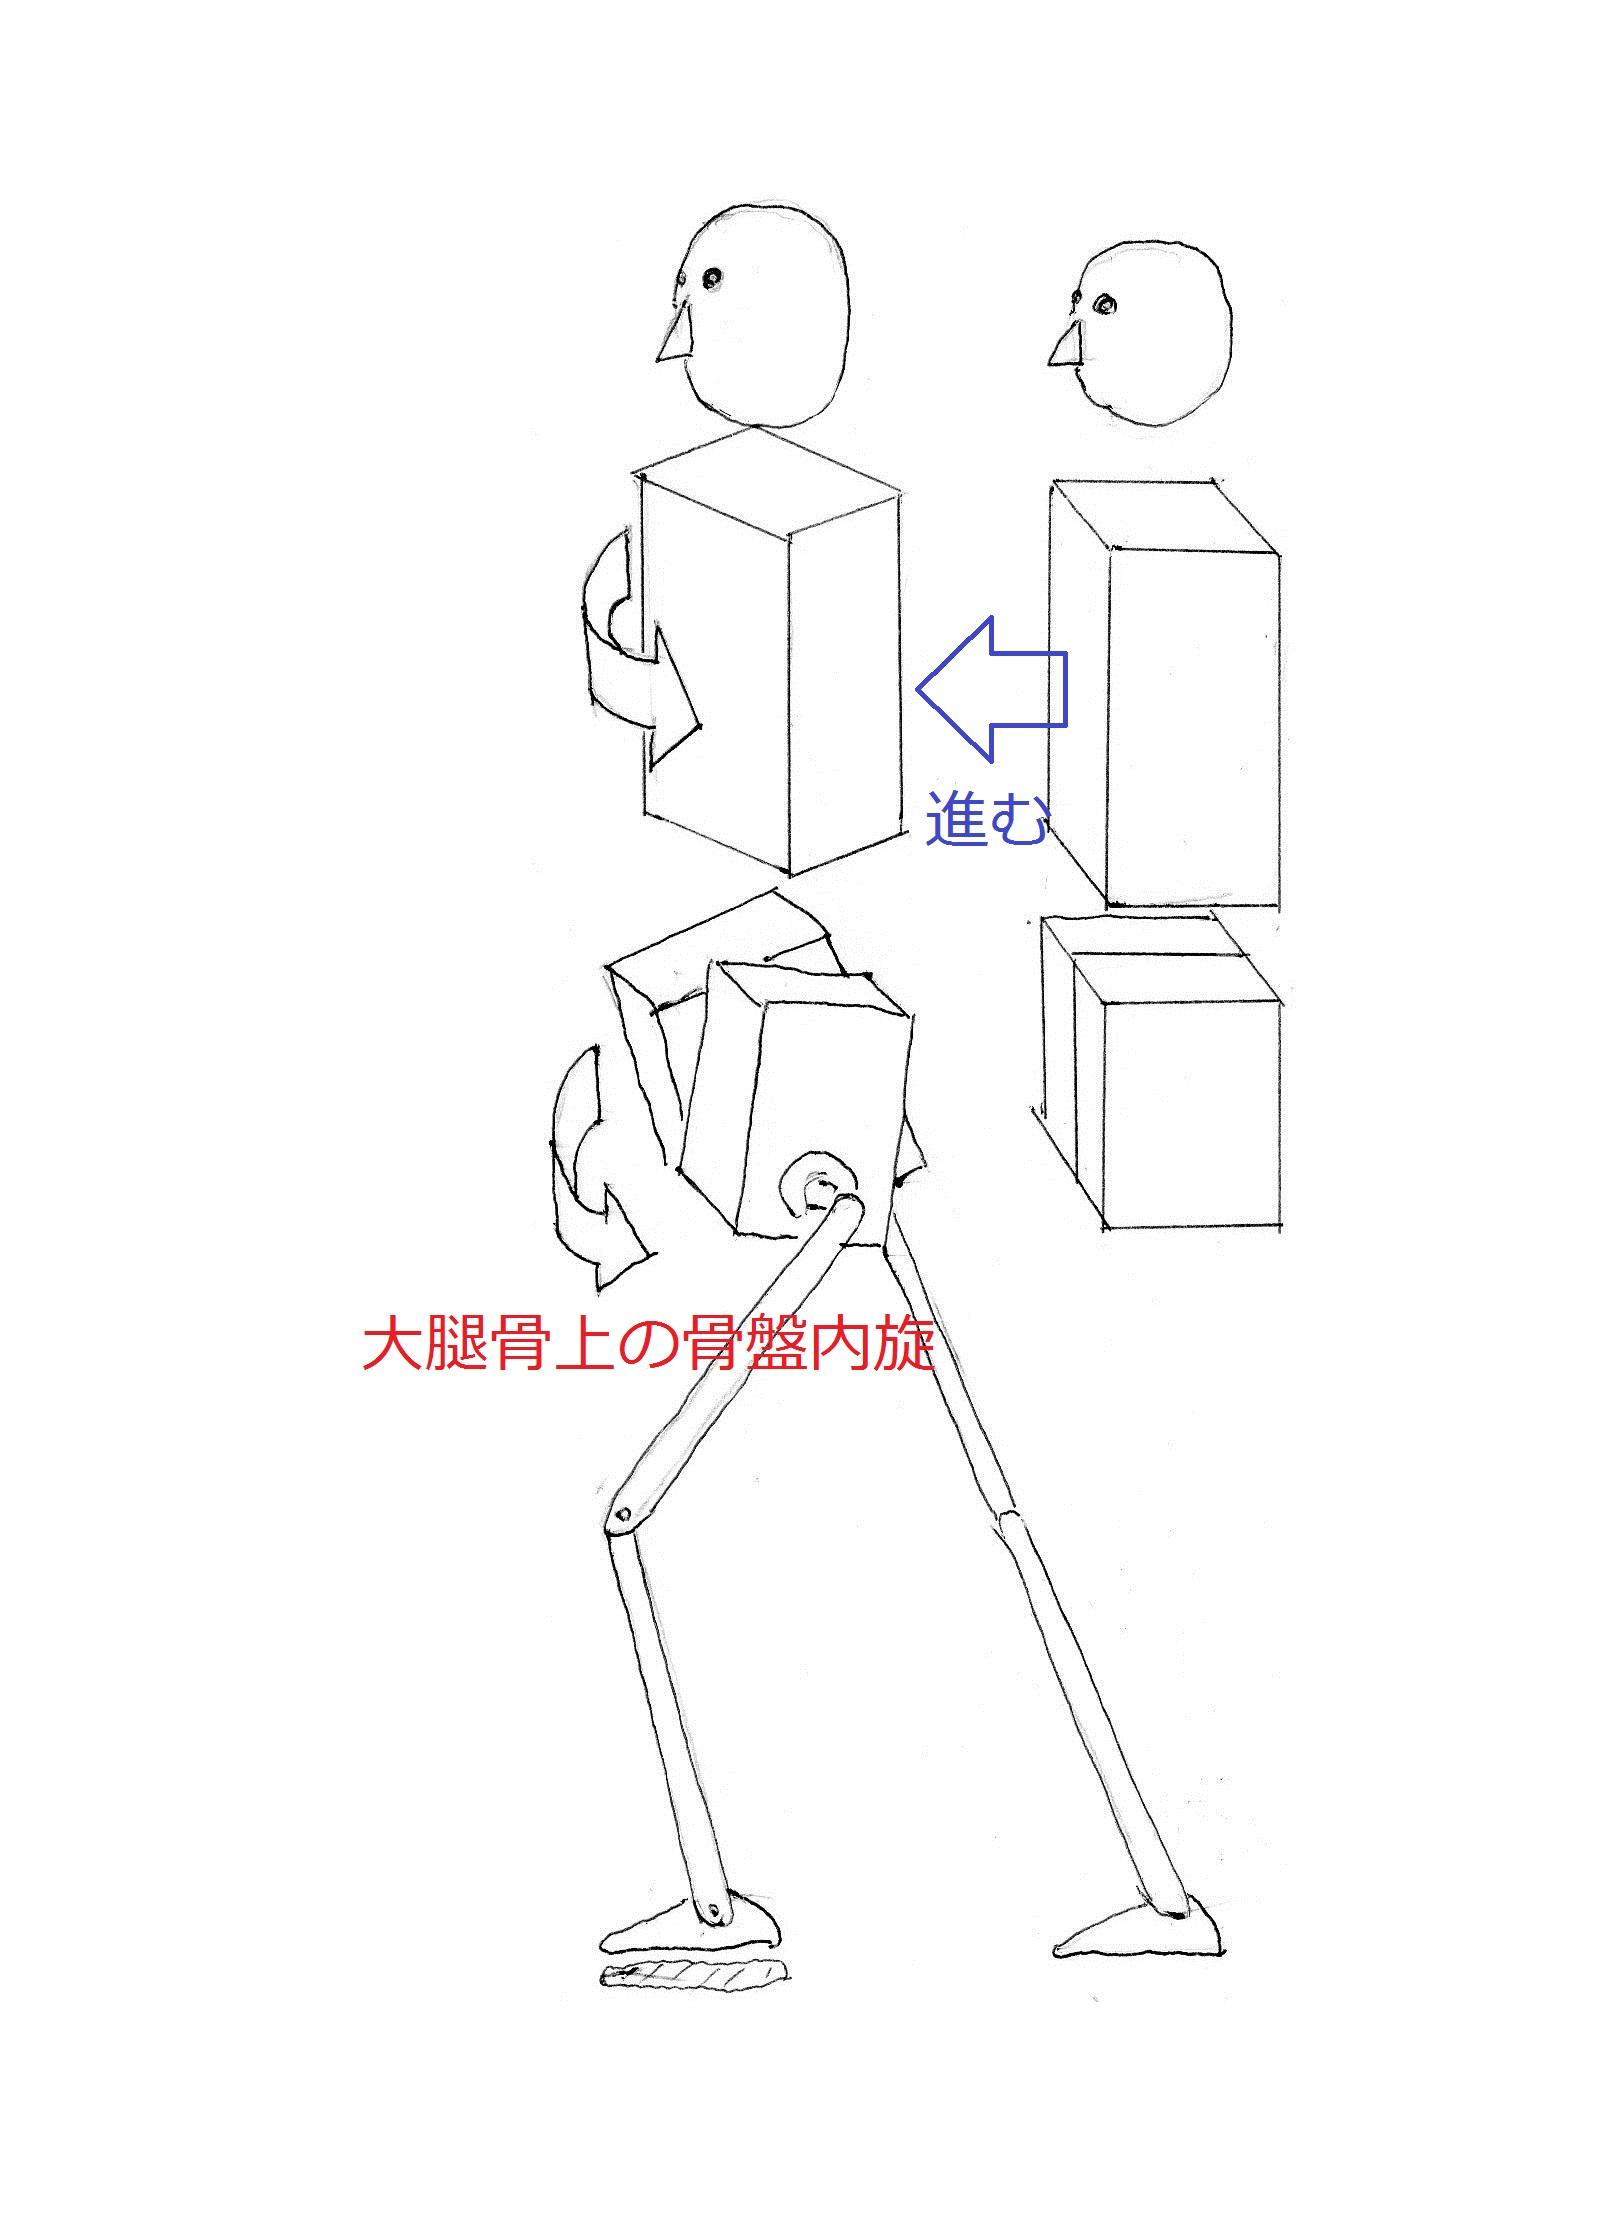 『歩き』という動作の本質